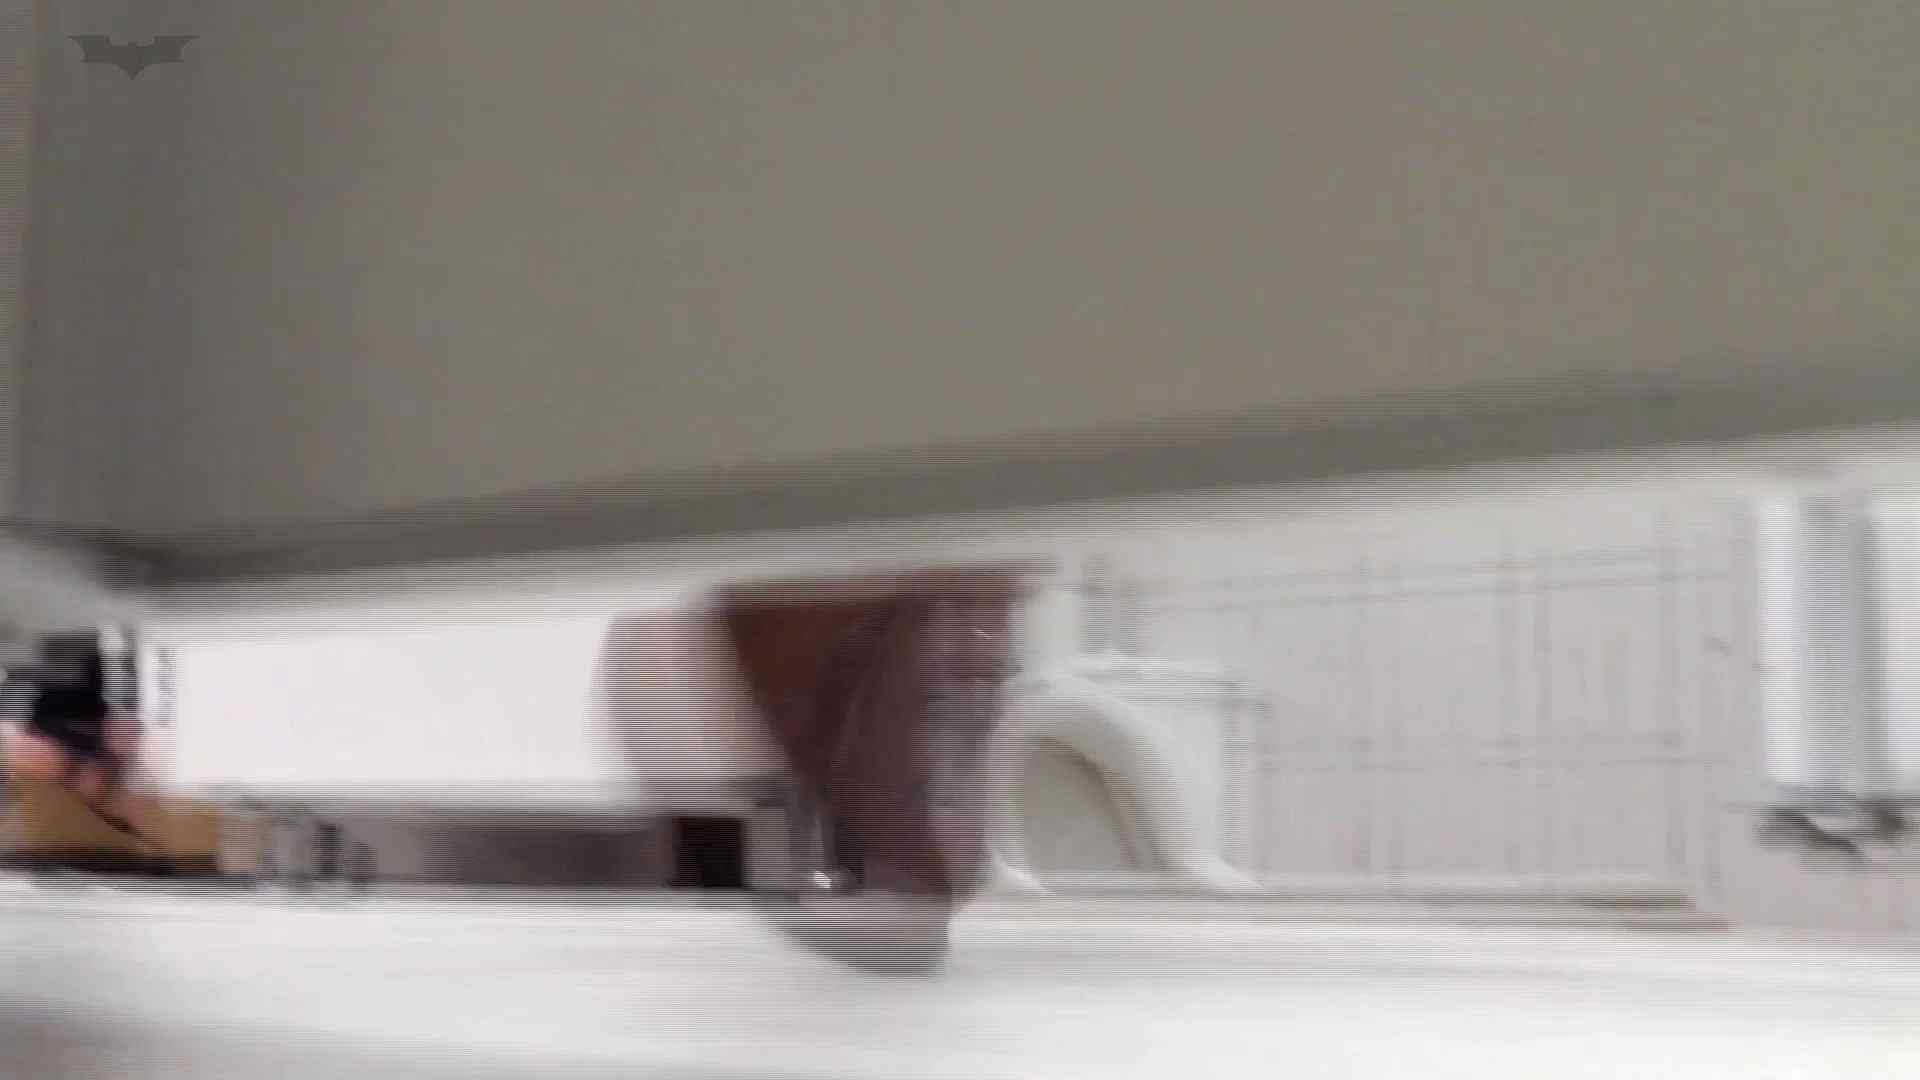 美しい日本の未来 No.29 豹柄サンダルは便秘気味??? おまんこ  109pic 49